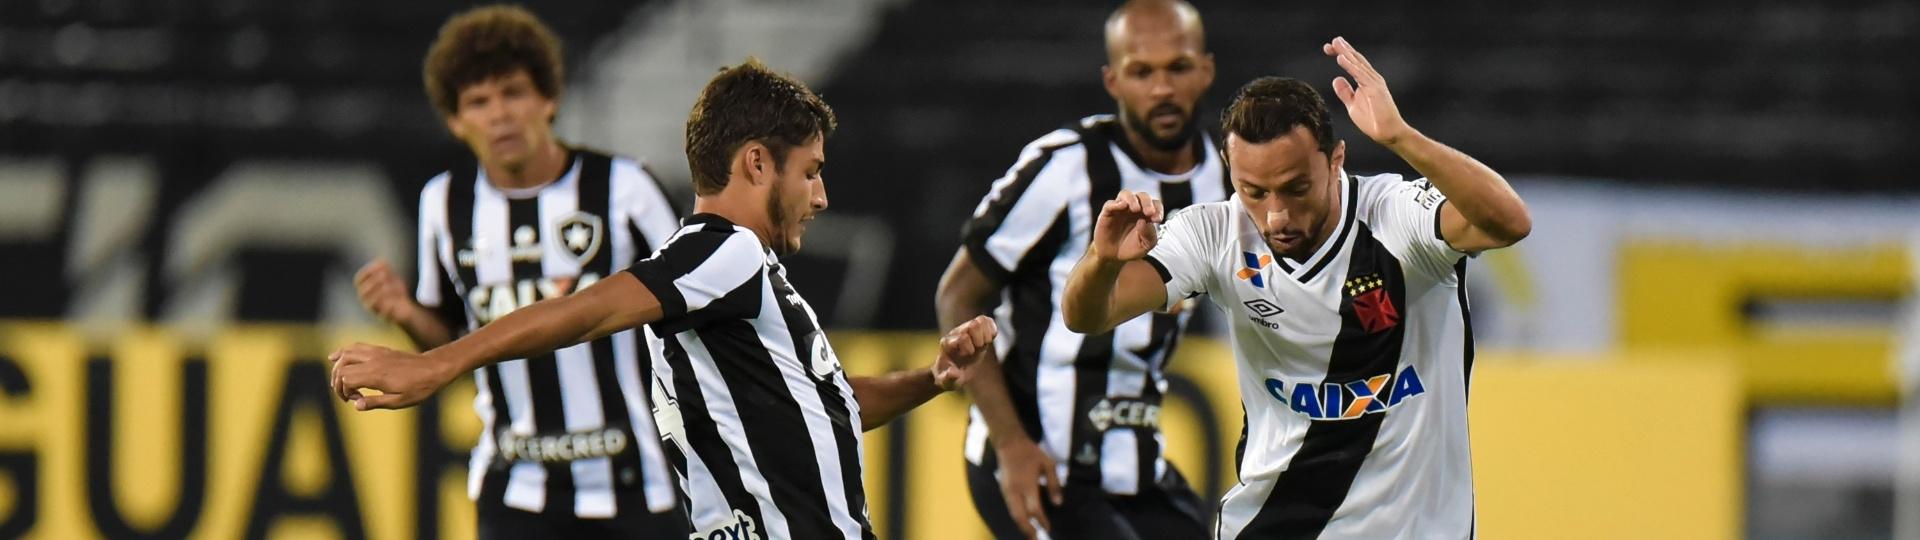 Nenê tenta passar pela marcação no clássico entre Vasco e Botafogo